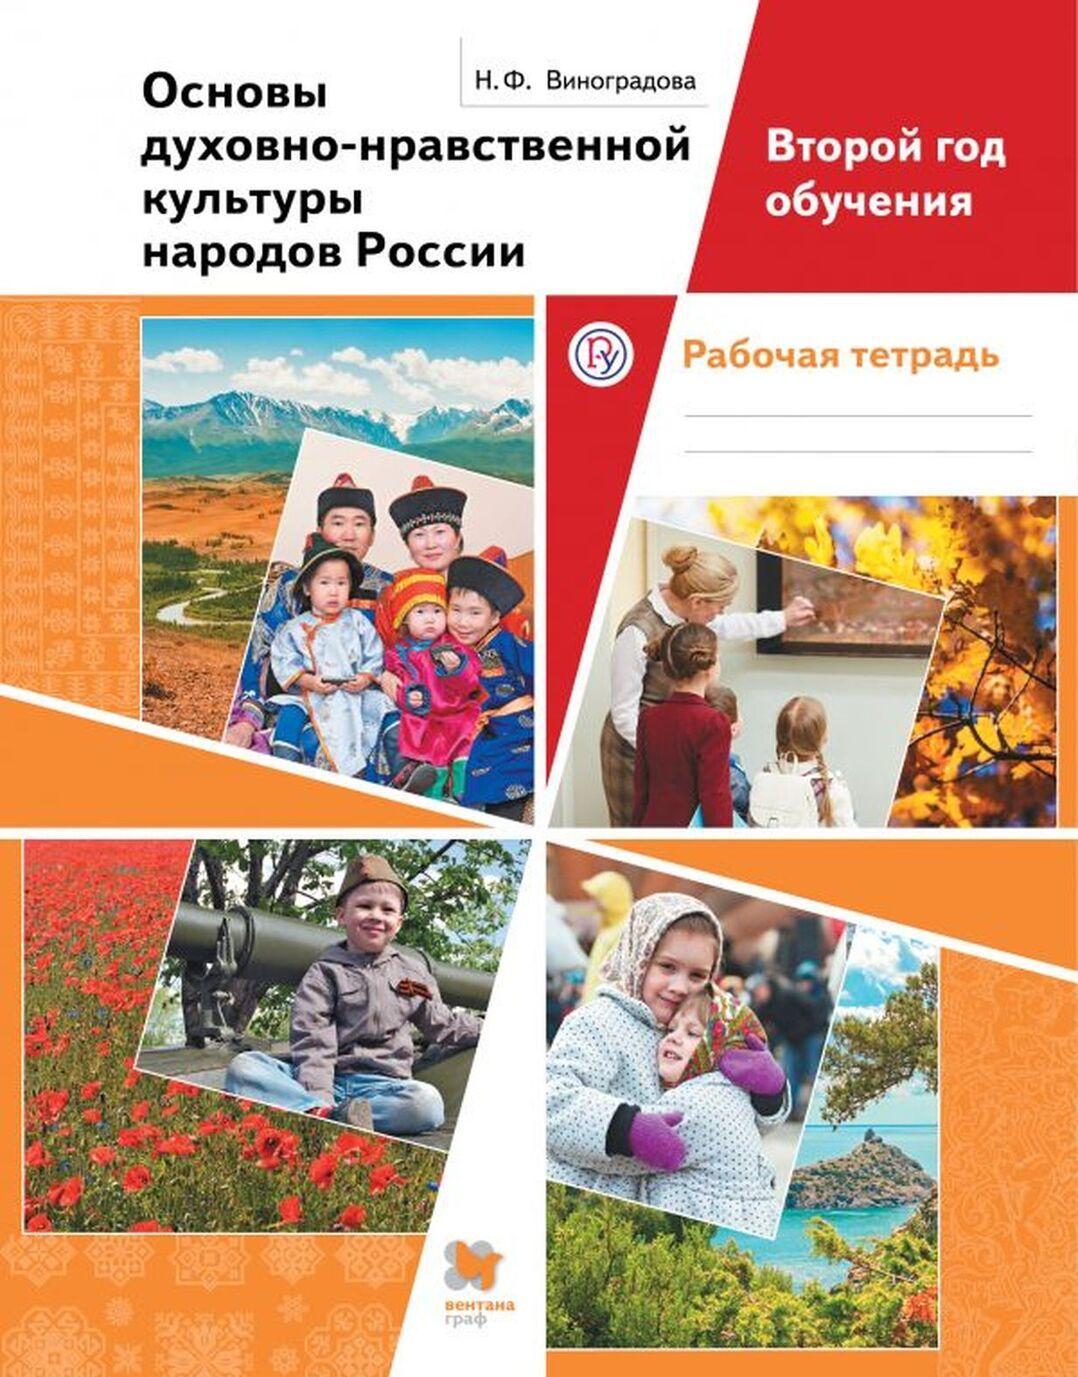 Osnovy dukhovno-nravstvennoj kultury narodov Rossii. Vtoroj god obuchenija. Rabochaja tetrad